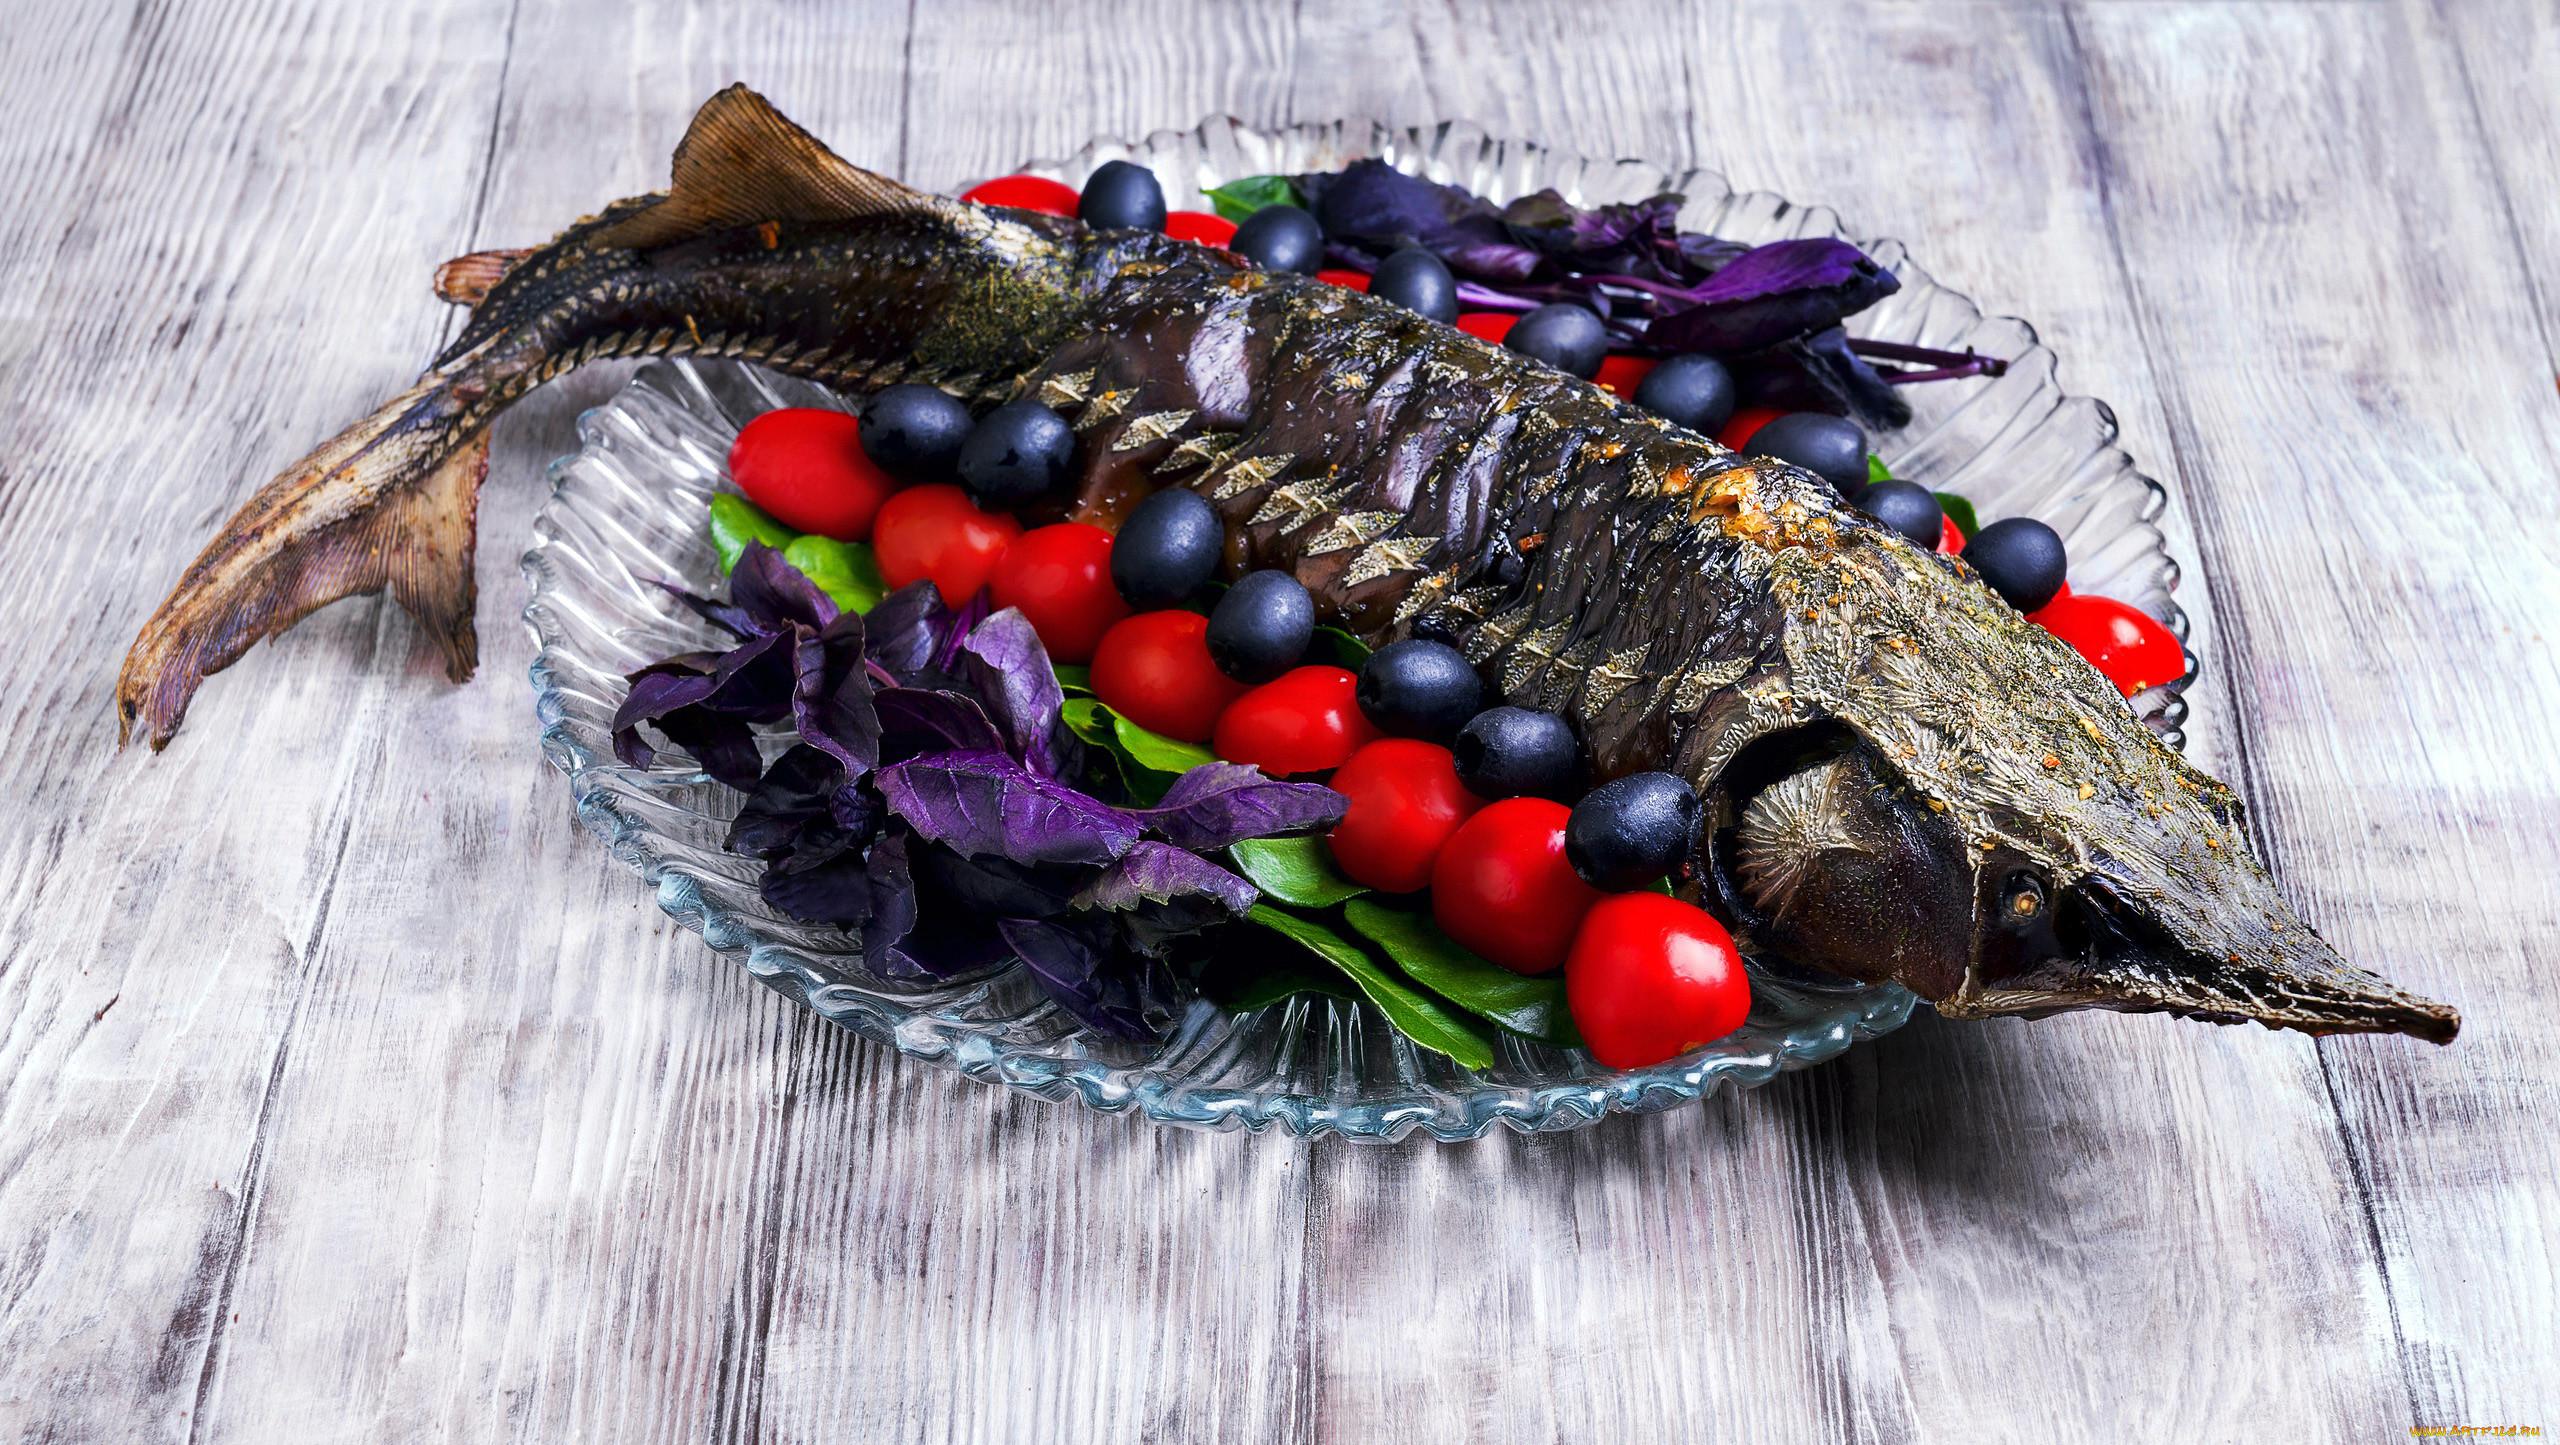 блестящая возможность блюда из осетра рецепты с фото низких цен